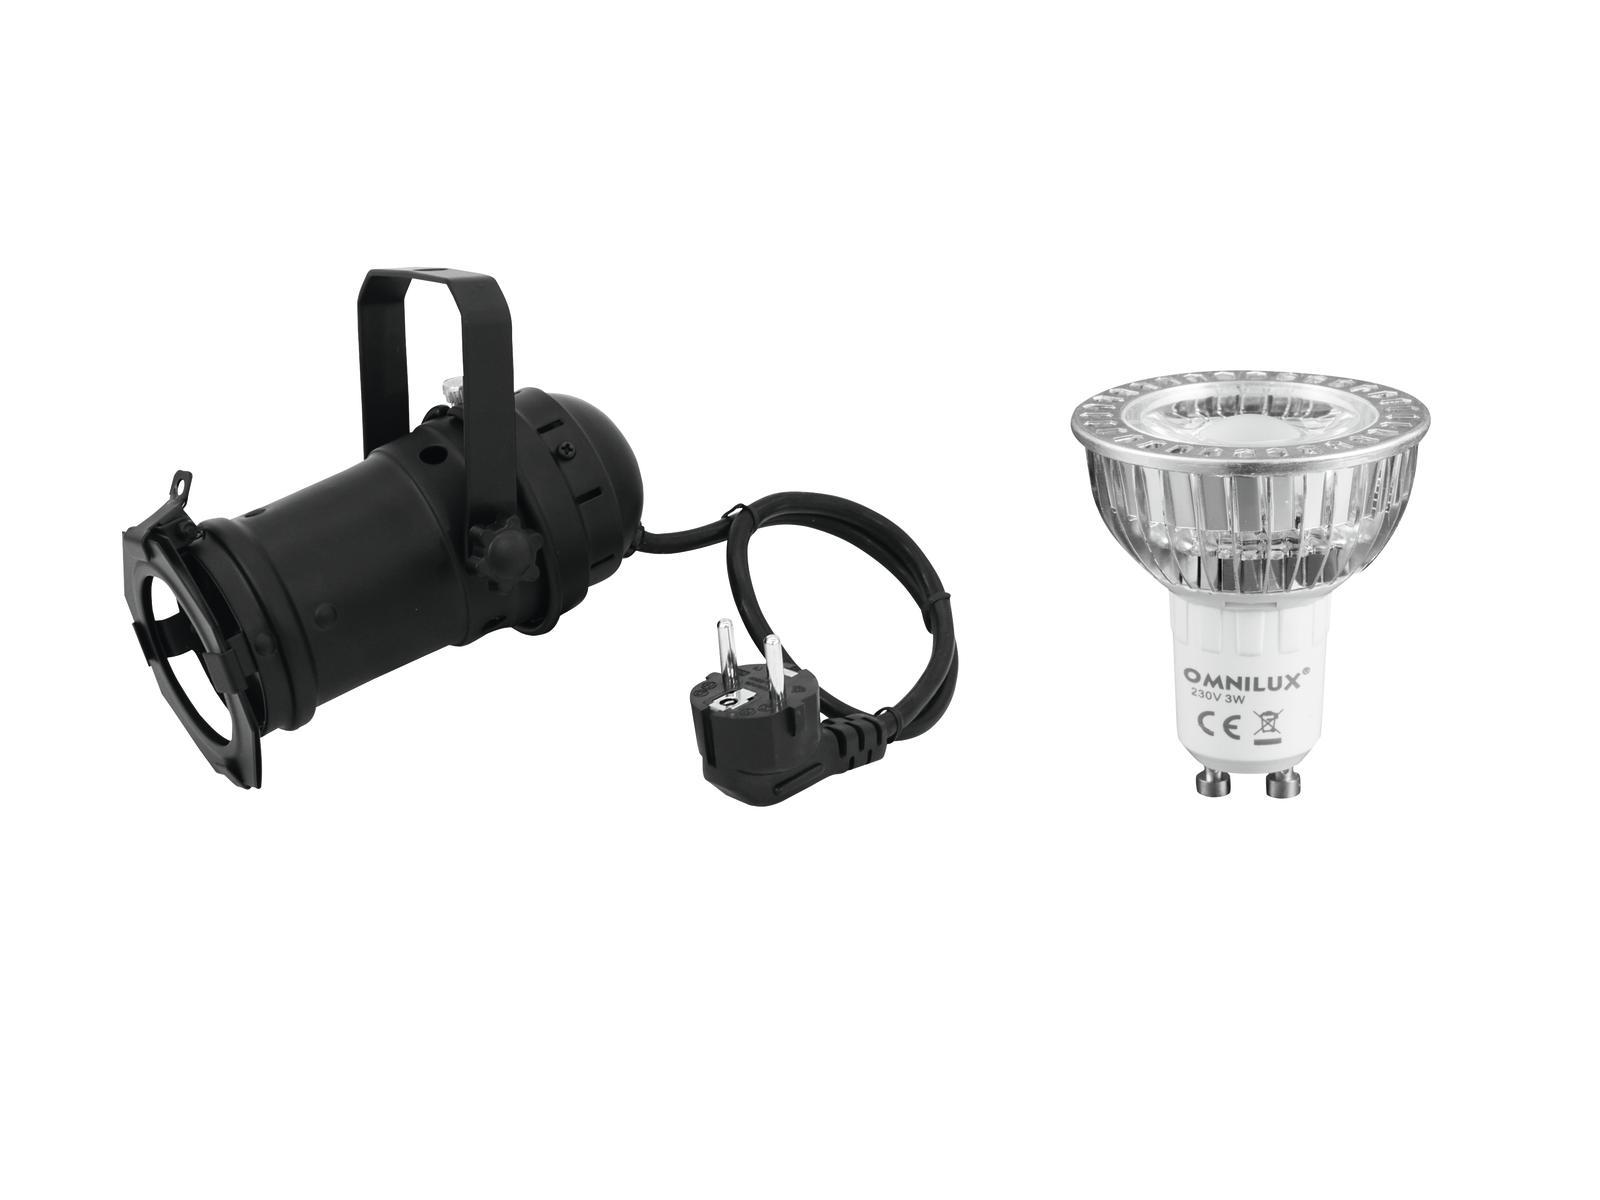 EUROLITE Impostare PAR-16 Spot bk + GU-10 230V COB 1x3W LED 6000K